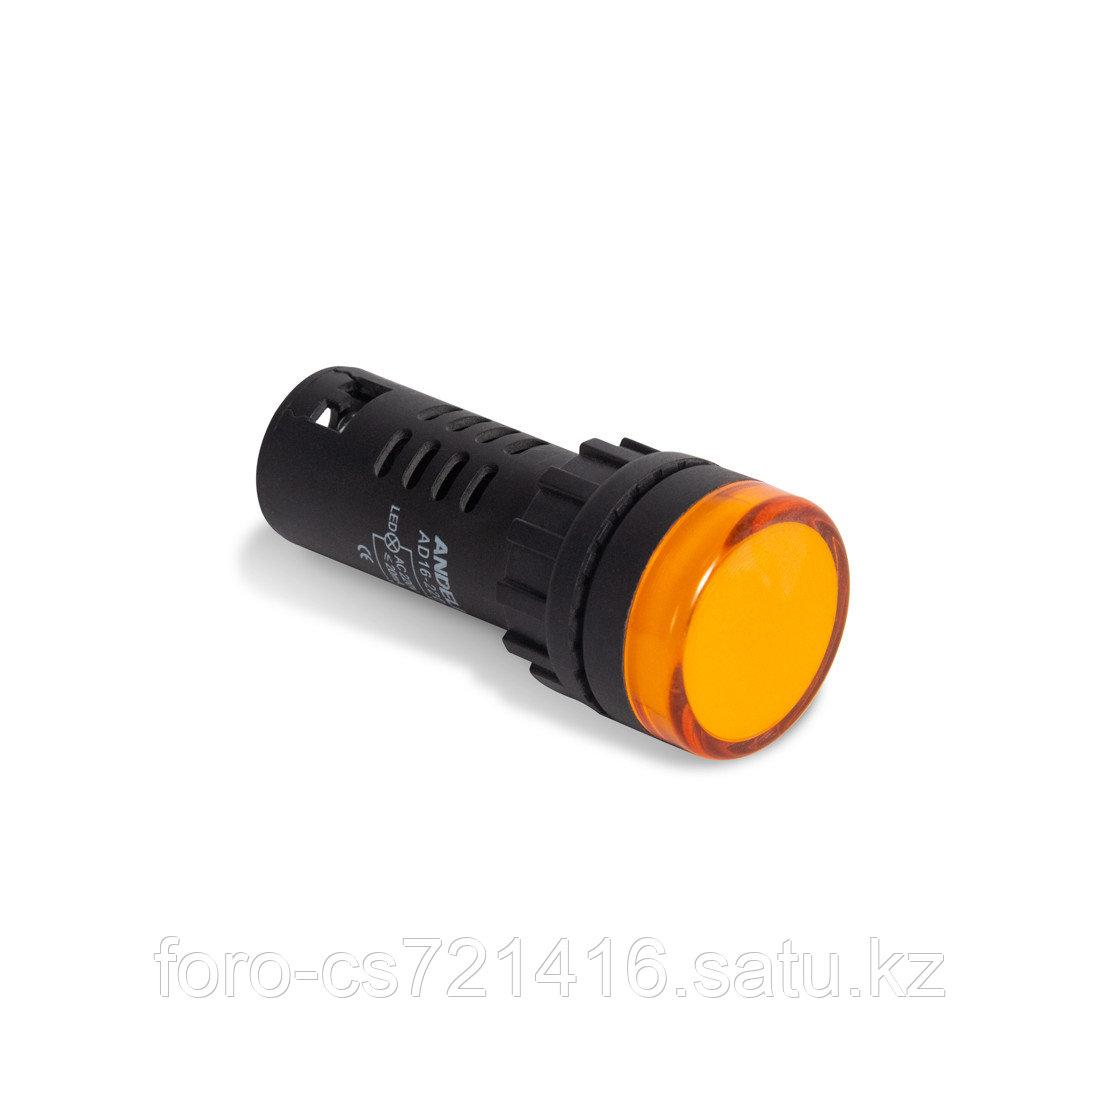 Лампа светодиодная универсальная ANDELI AD16-22D 220V AC/DC (желтая)